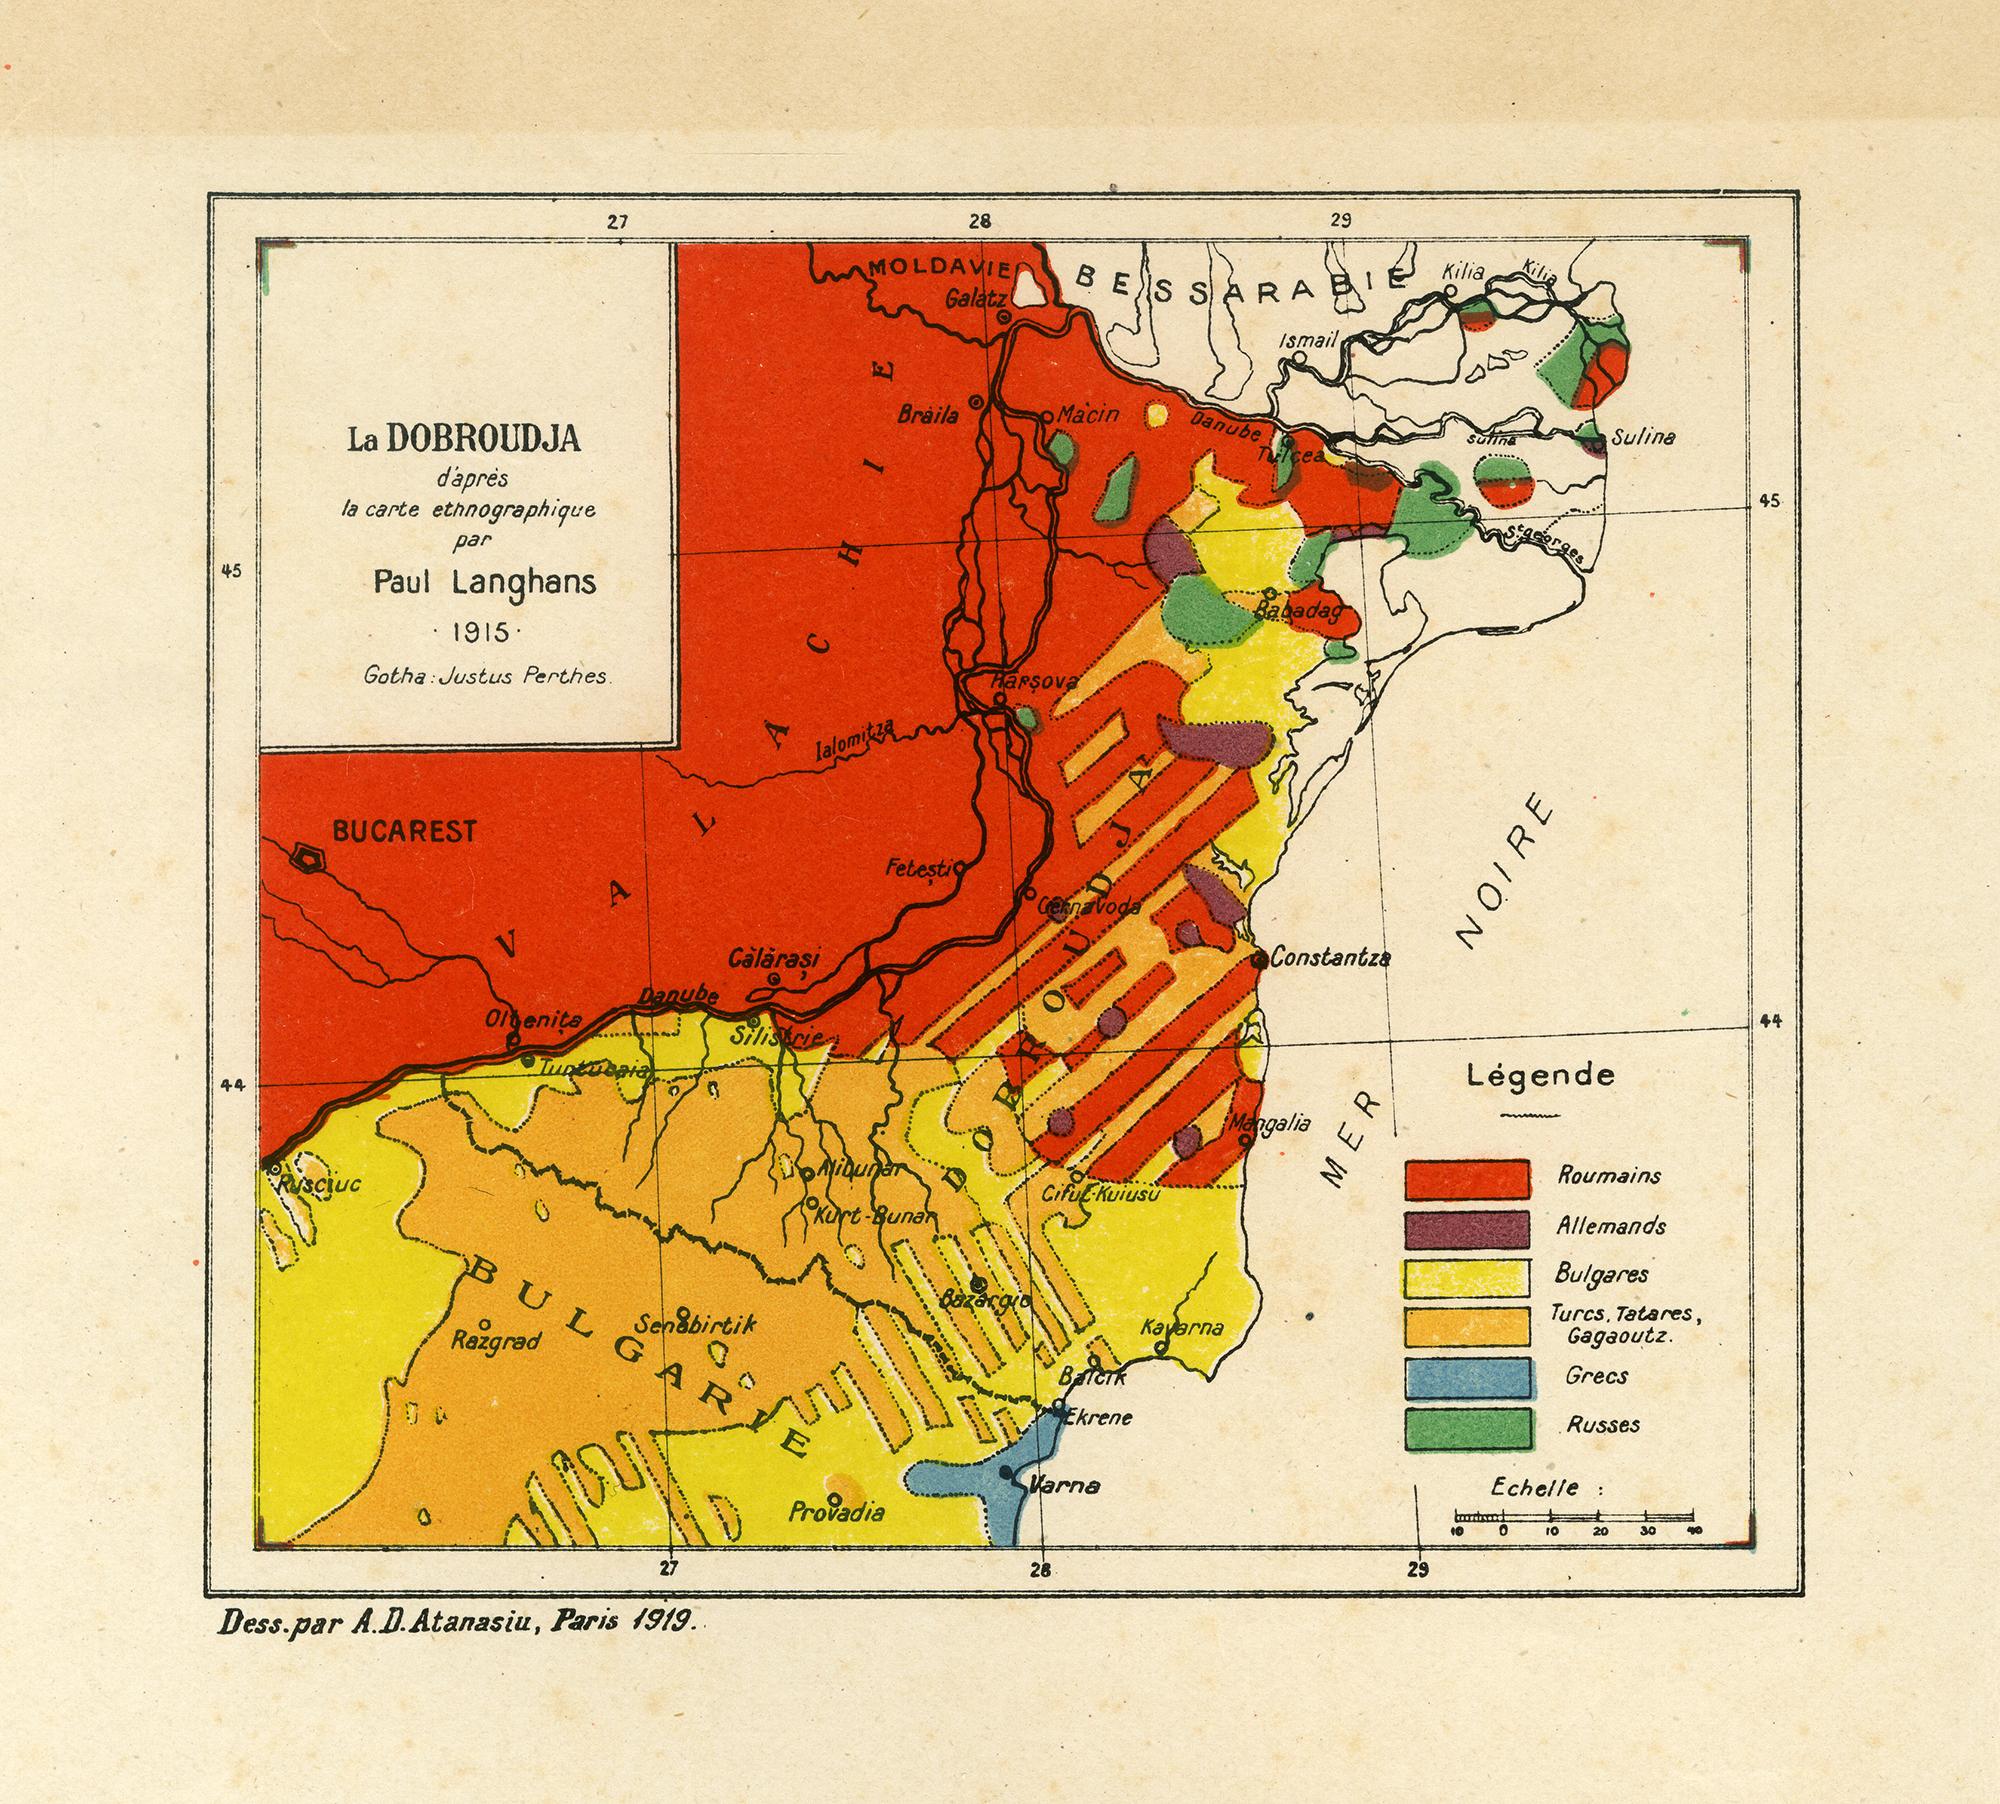 Hartă - La Dobroudja d'après la carte ethnographique par Paul Langhans 1915 Gotha Justus Perthes